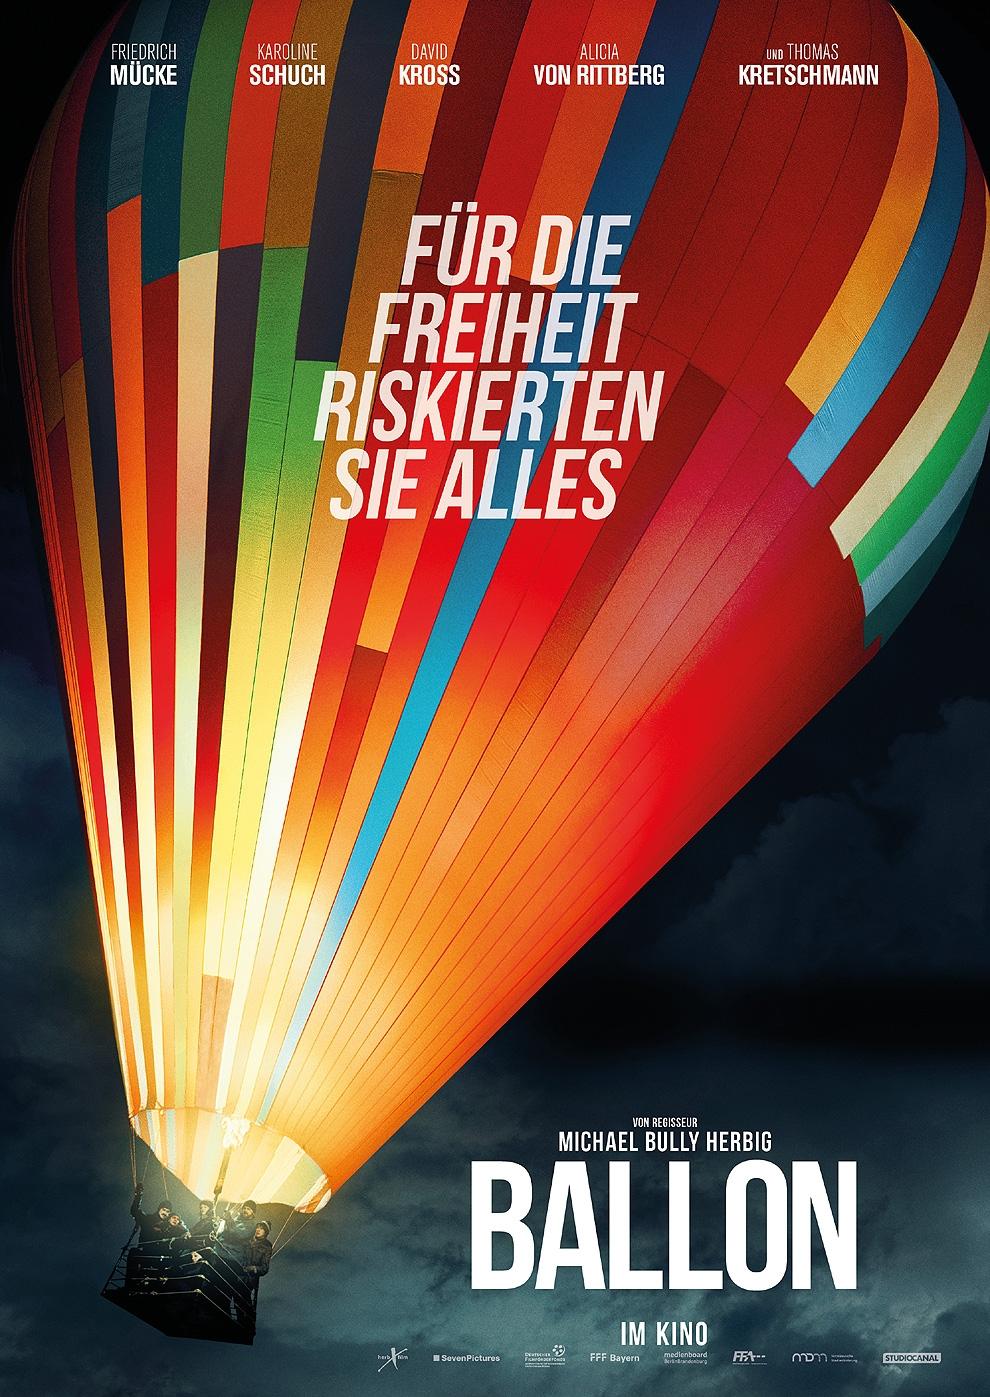 Ballon (Poster)